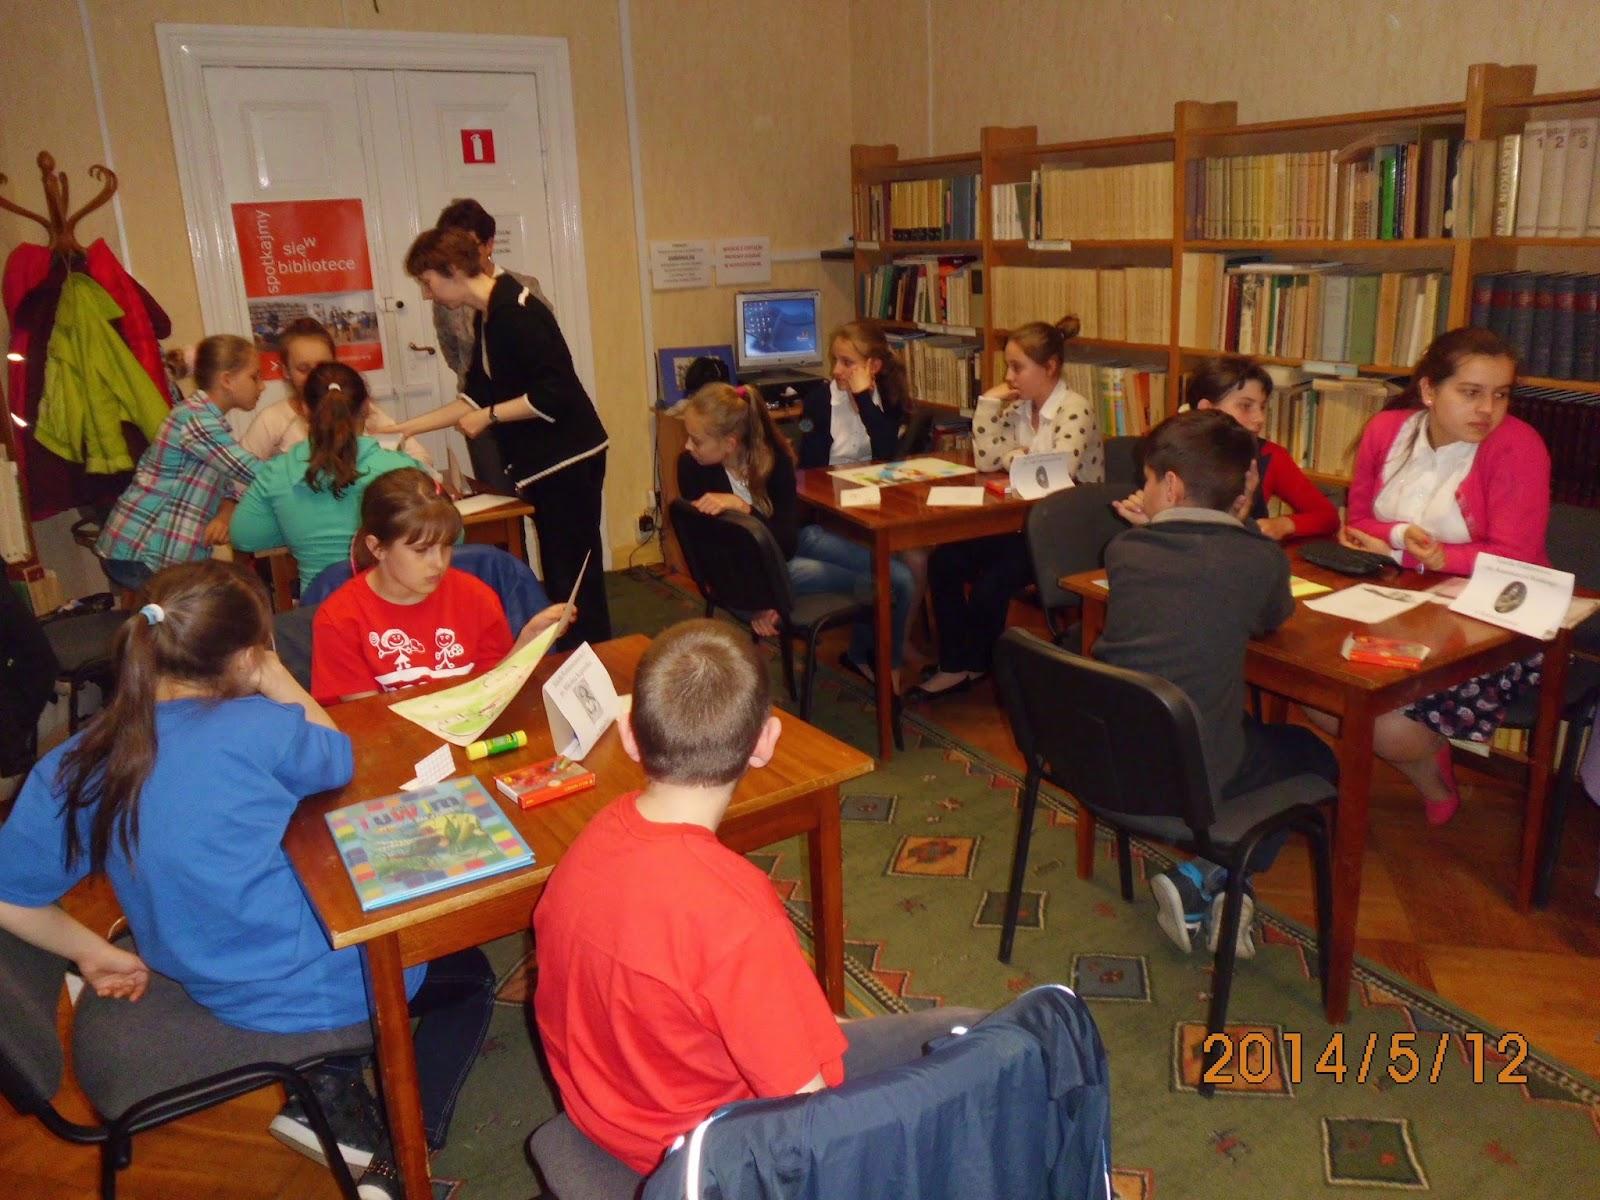 Miejska Biblioteka Publiczna W Mogilnie Rany Julek Czyli